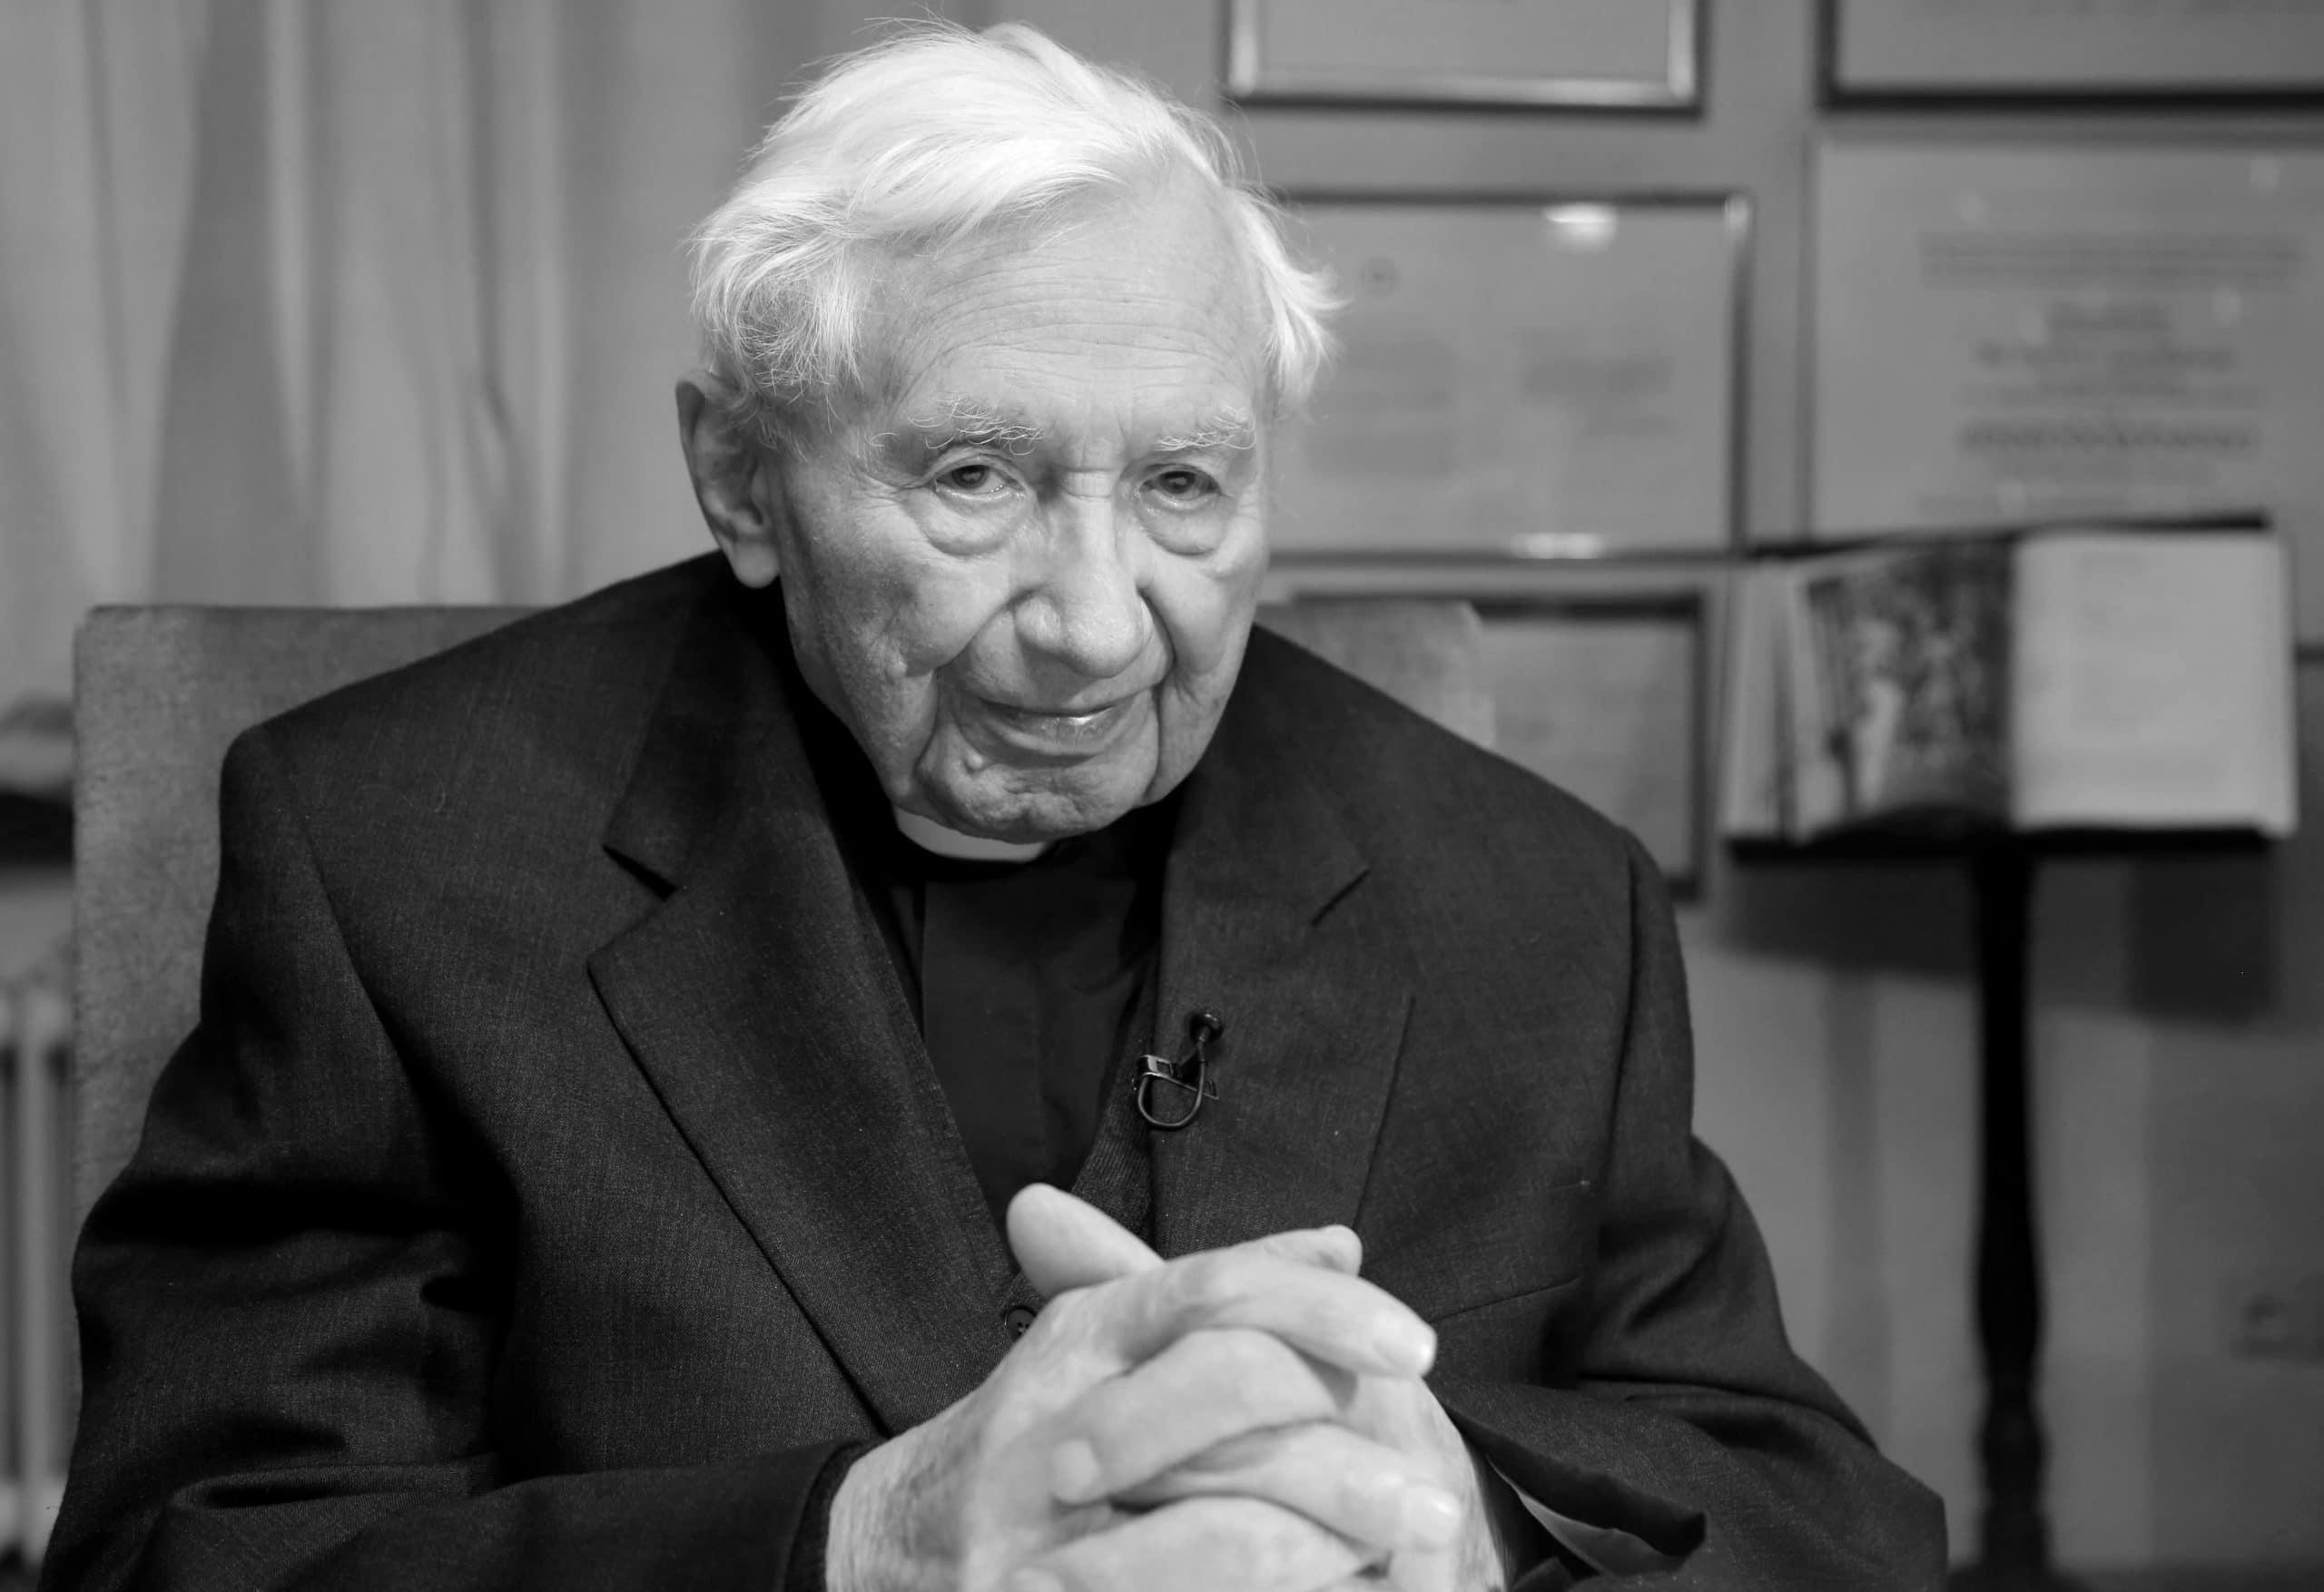 Trauer um Georg Ratzinger Bruder des emeritierten Papstes Benedikt XVI. am heutigen Mittwoch in Regensburg verstorben